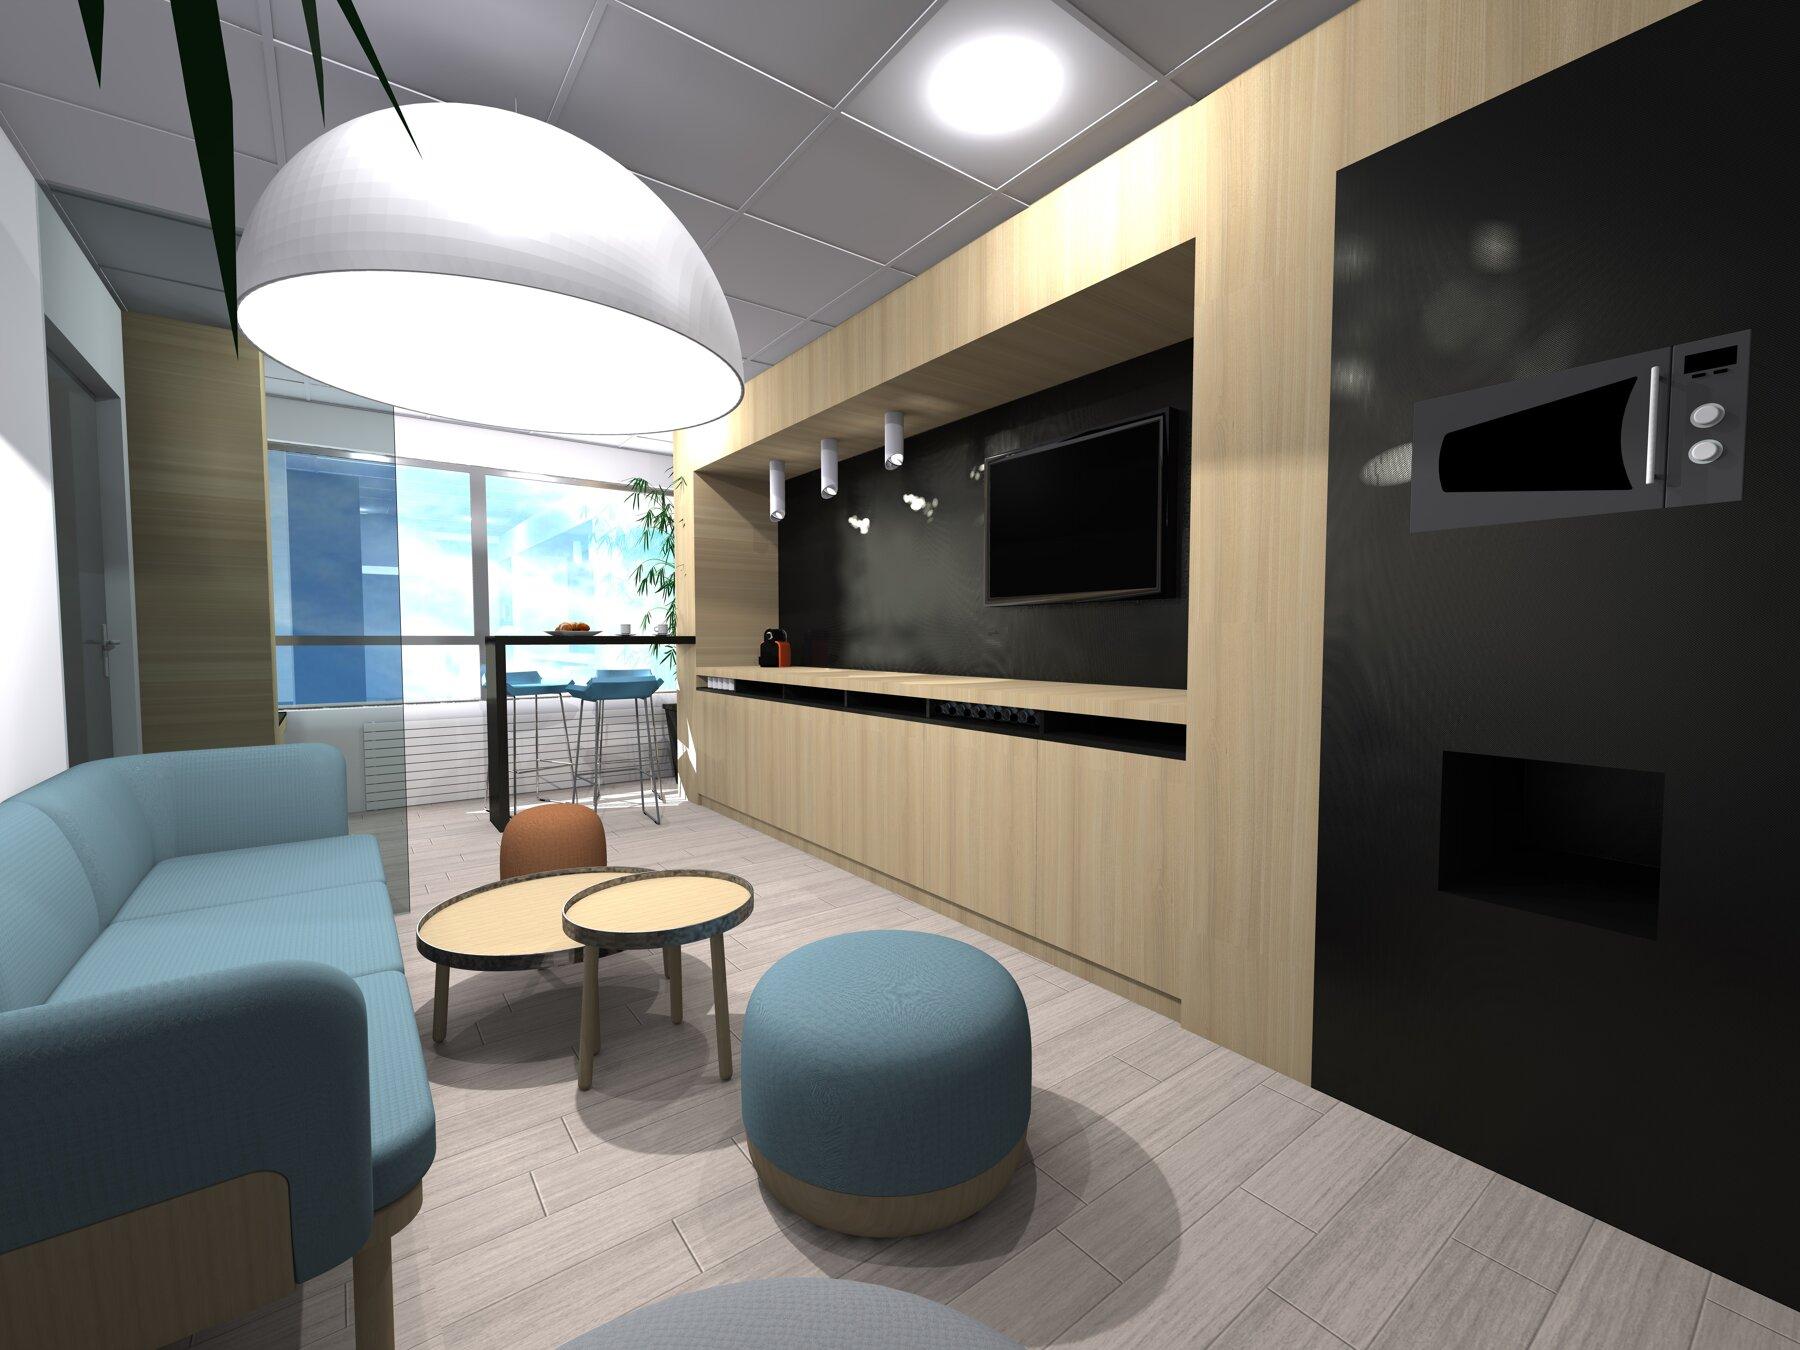 Espace lounge de bureau